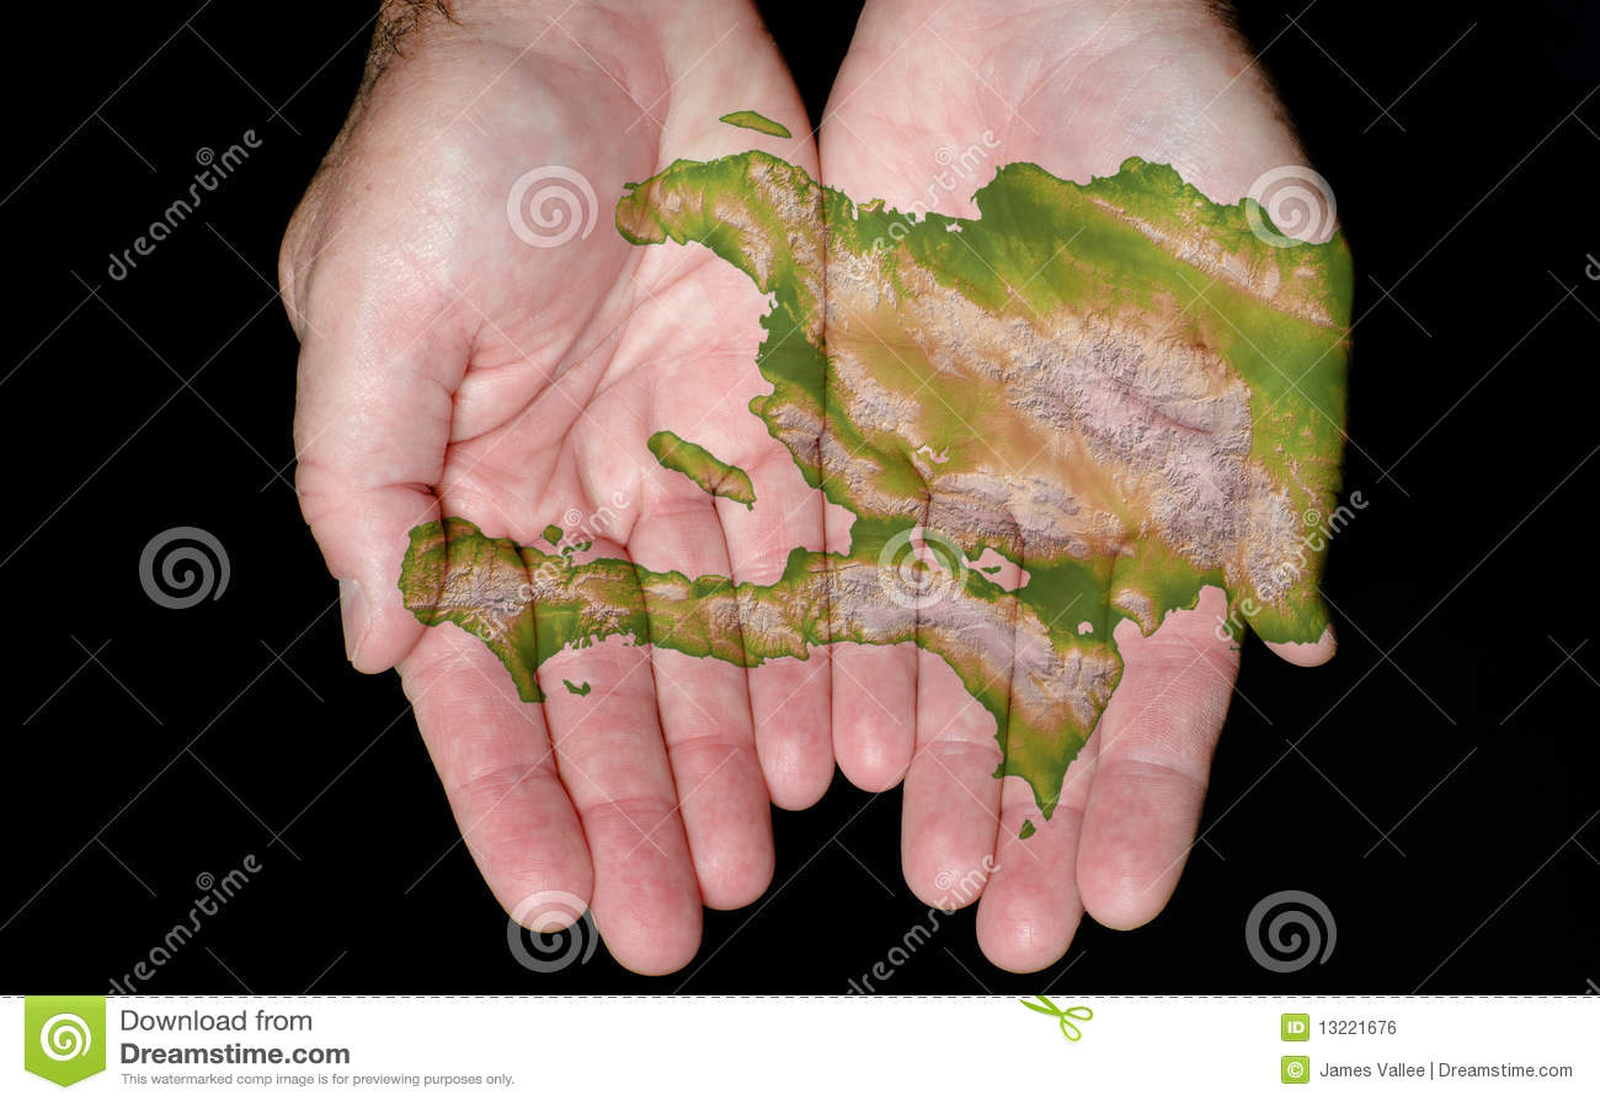 Haiti em nossas mãos